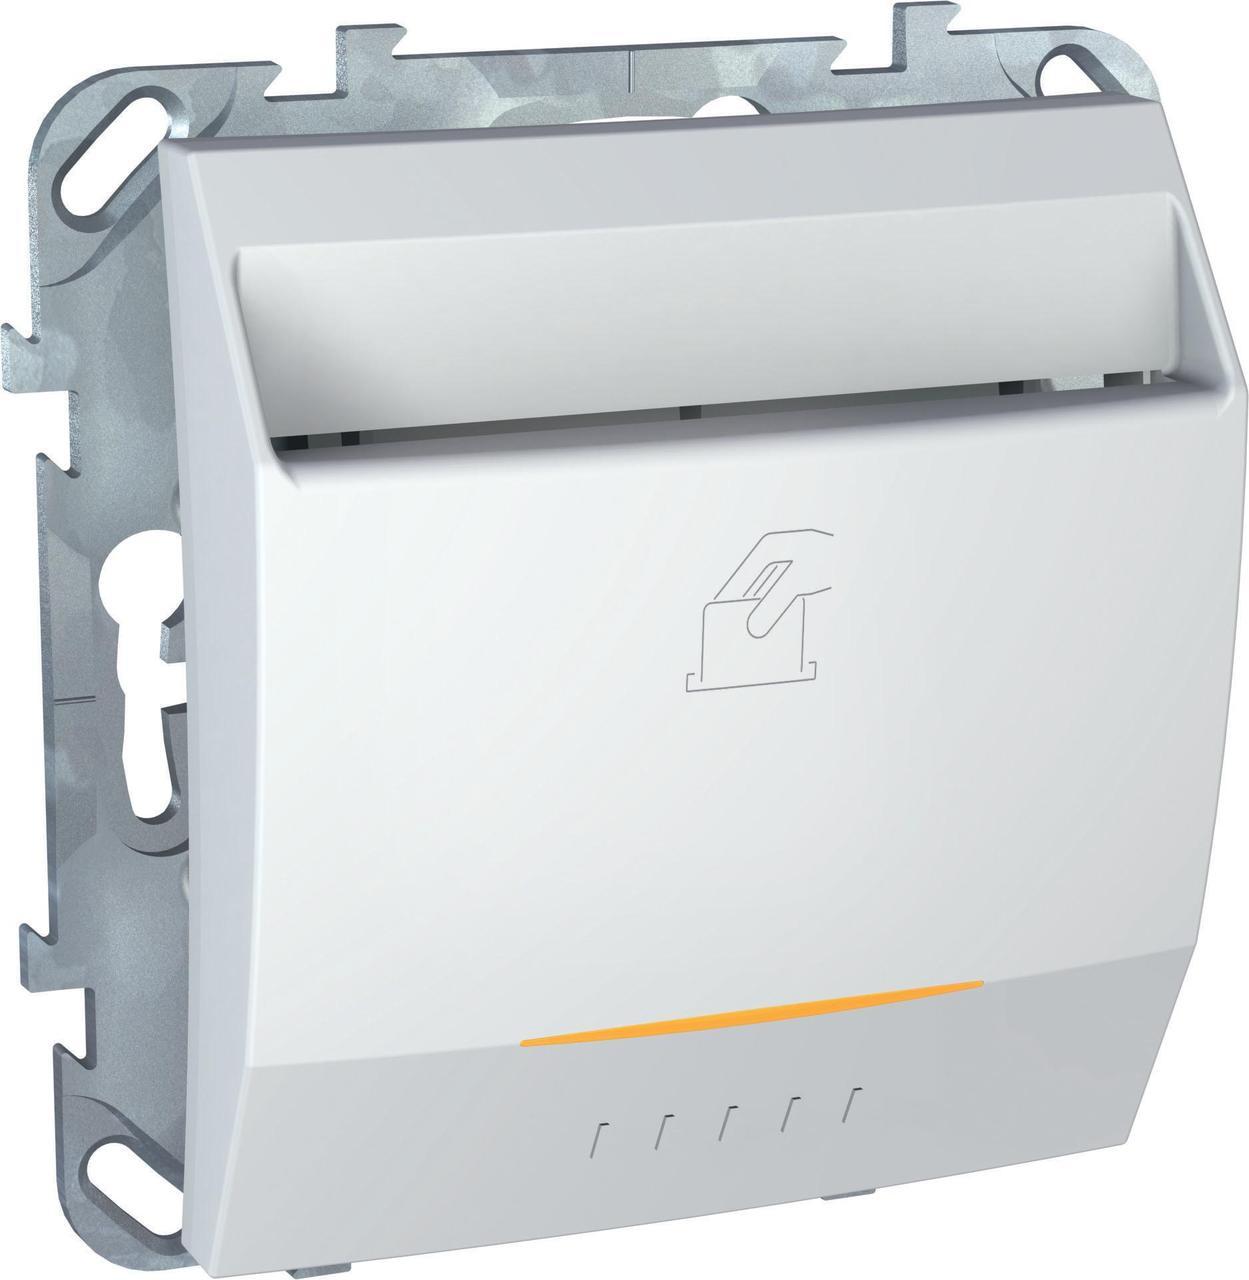 Выключатель карточный для гостиниц , Белый, серия Unica, Schneider Electric